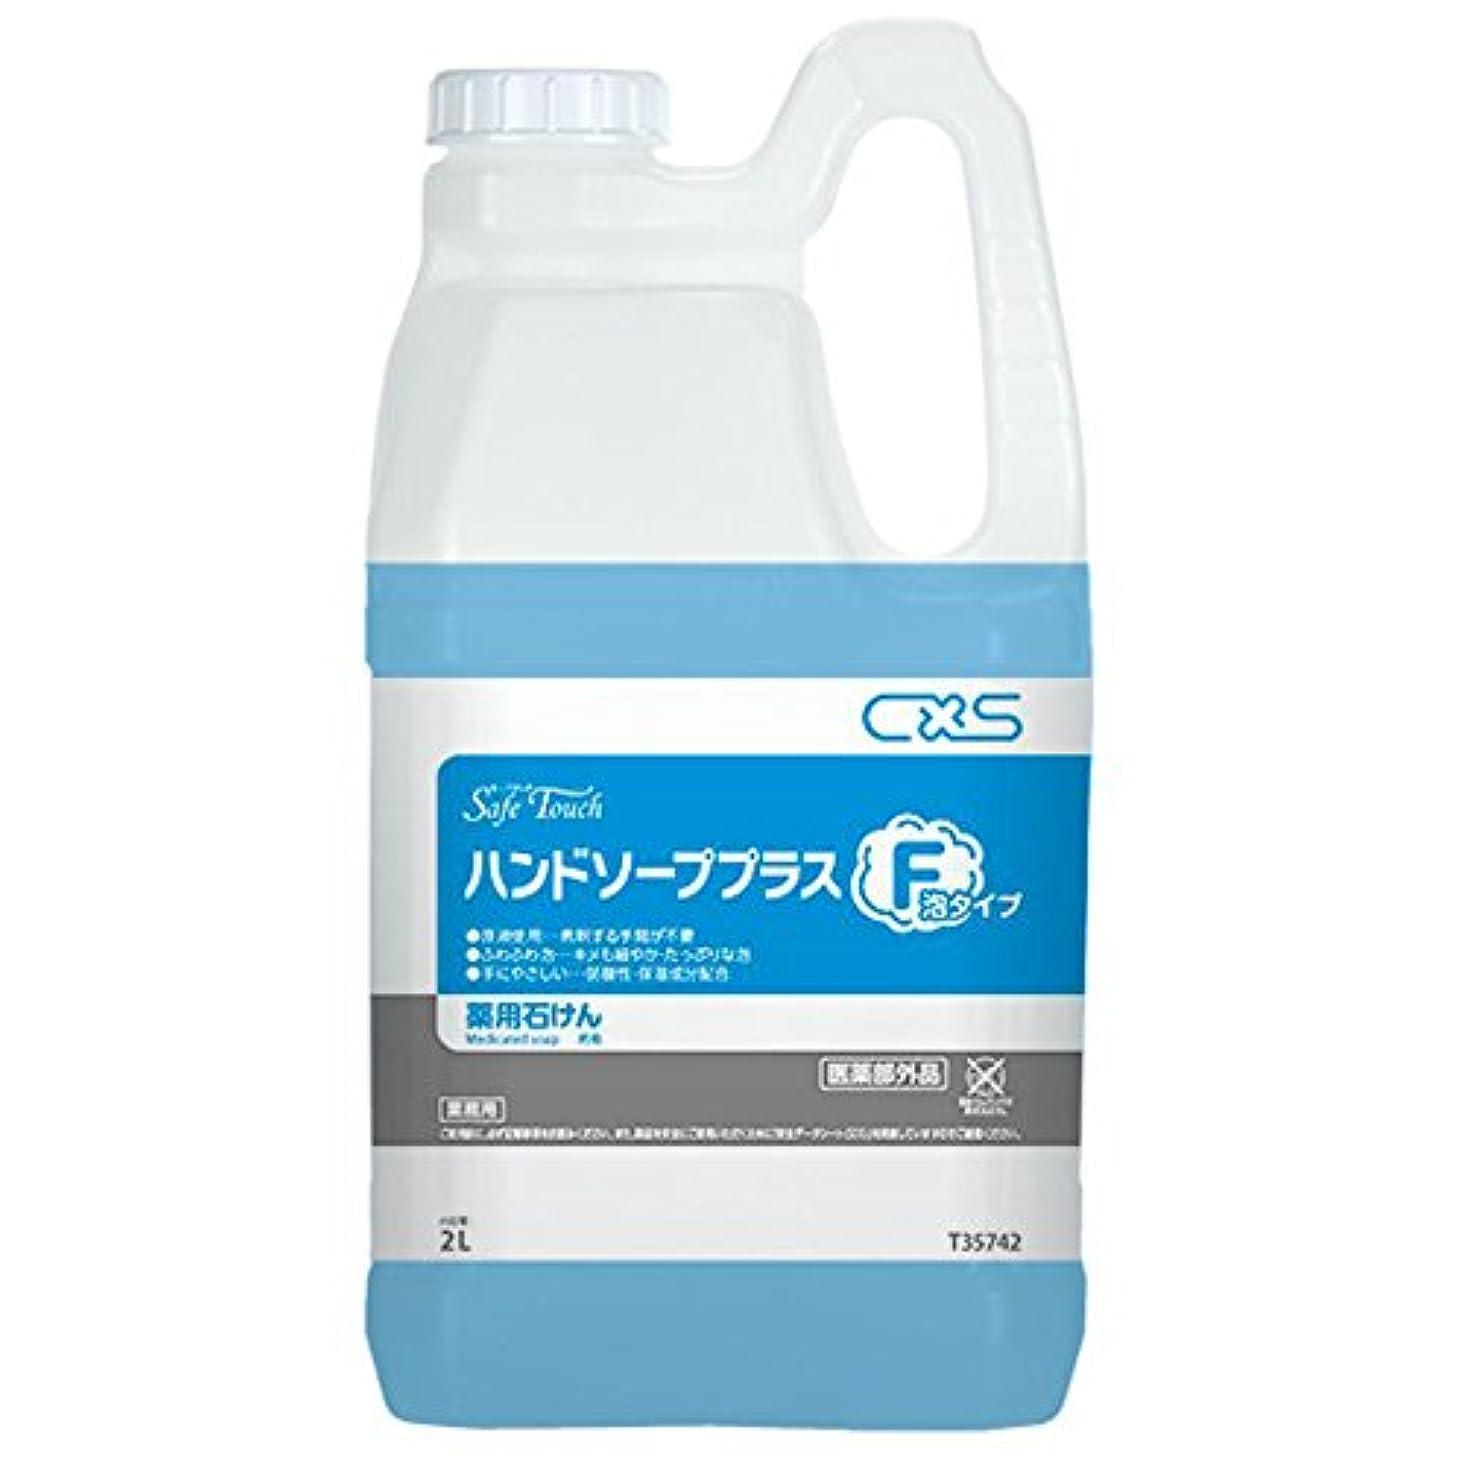 ブローホール責める従順なシーバイエス(C×S) 殺菌?消毒用手洗い石けん セーフタッチハンドソーププラスF 2L